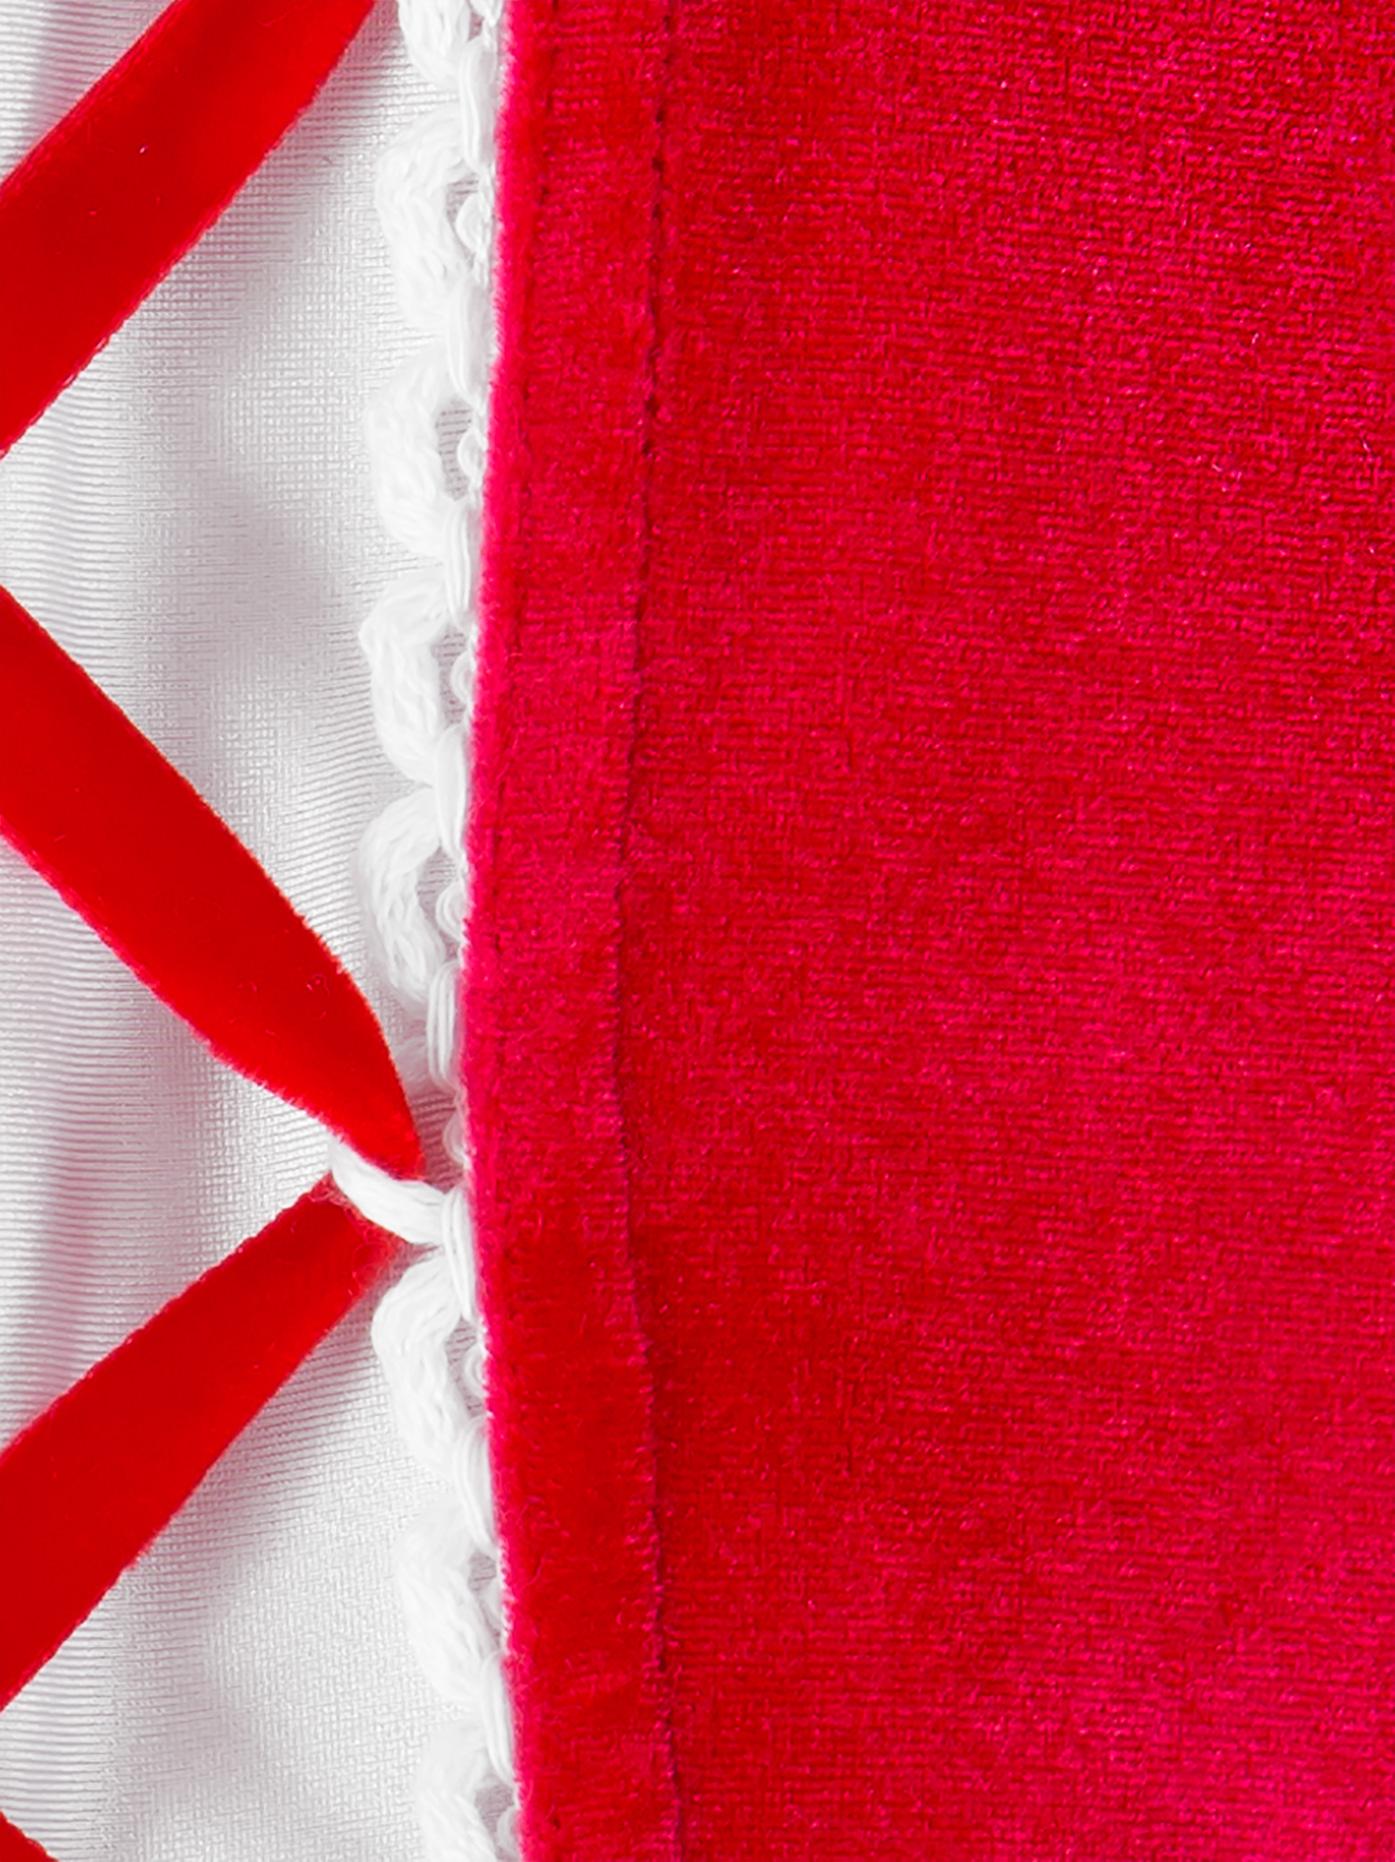 n9096_5.jpg main zoom image